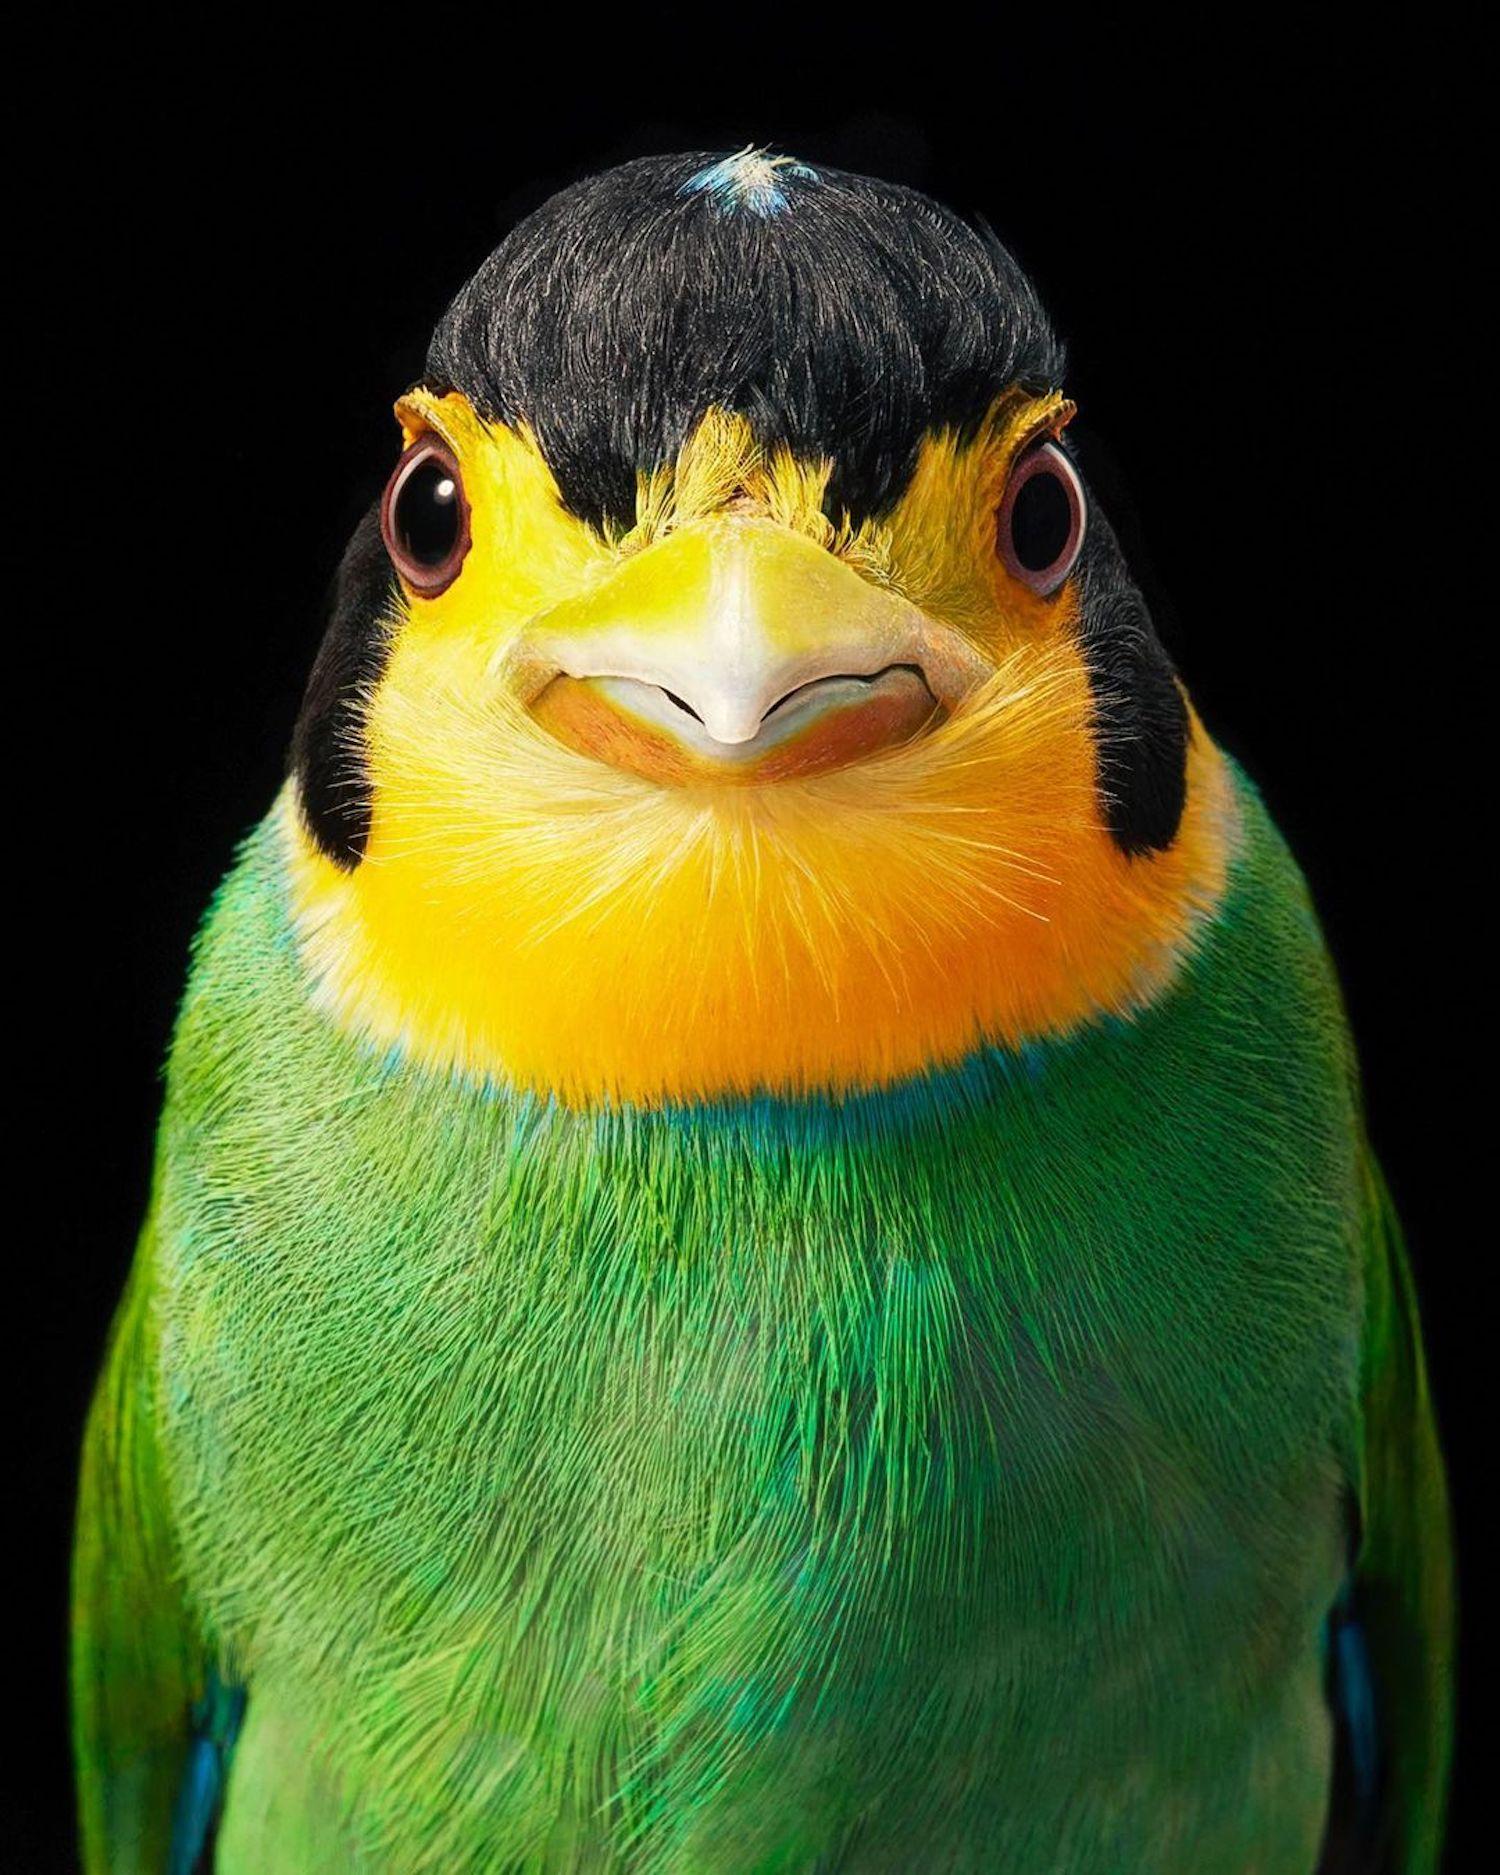 Le photographe Tim Flach capture des portraits saisissants d'oiseaux en voie de disparition